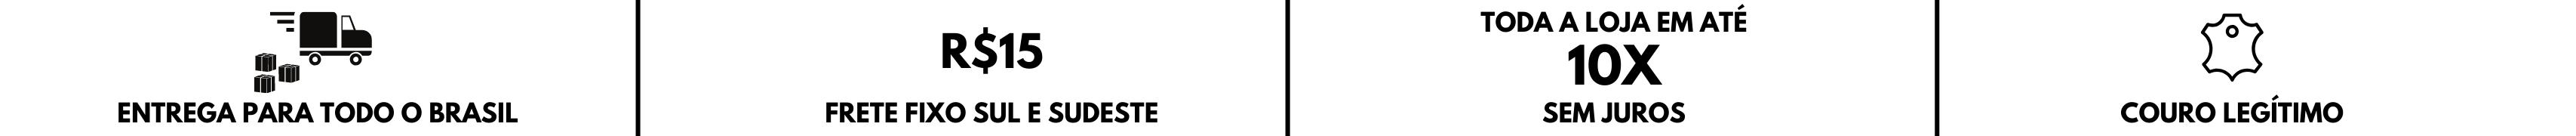 tarja 4